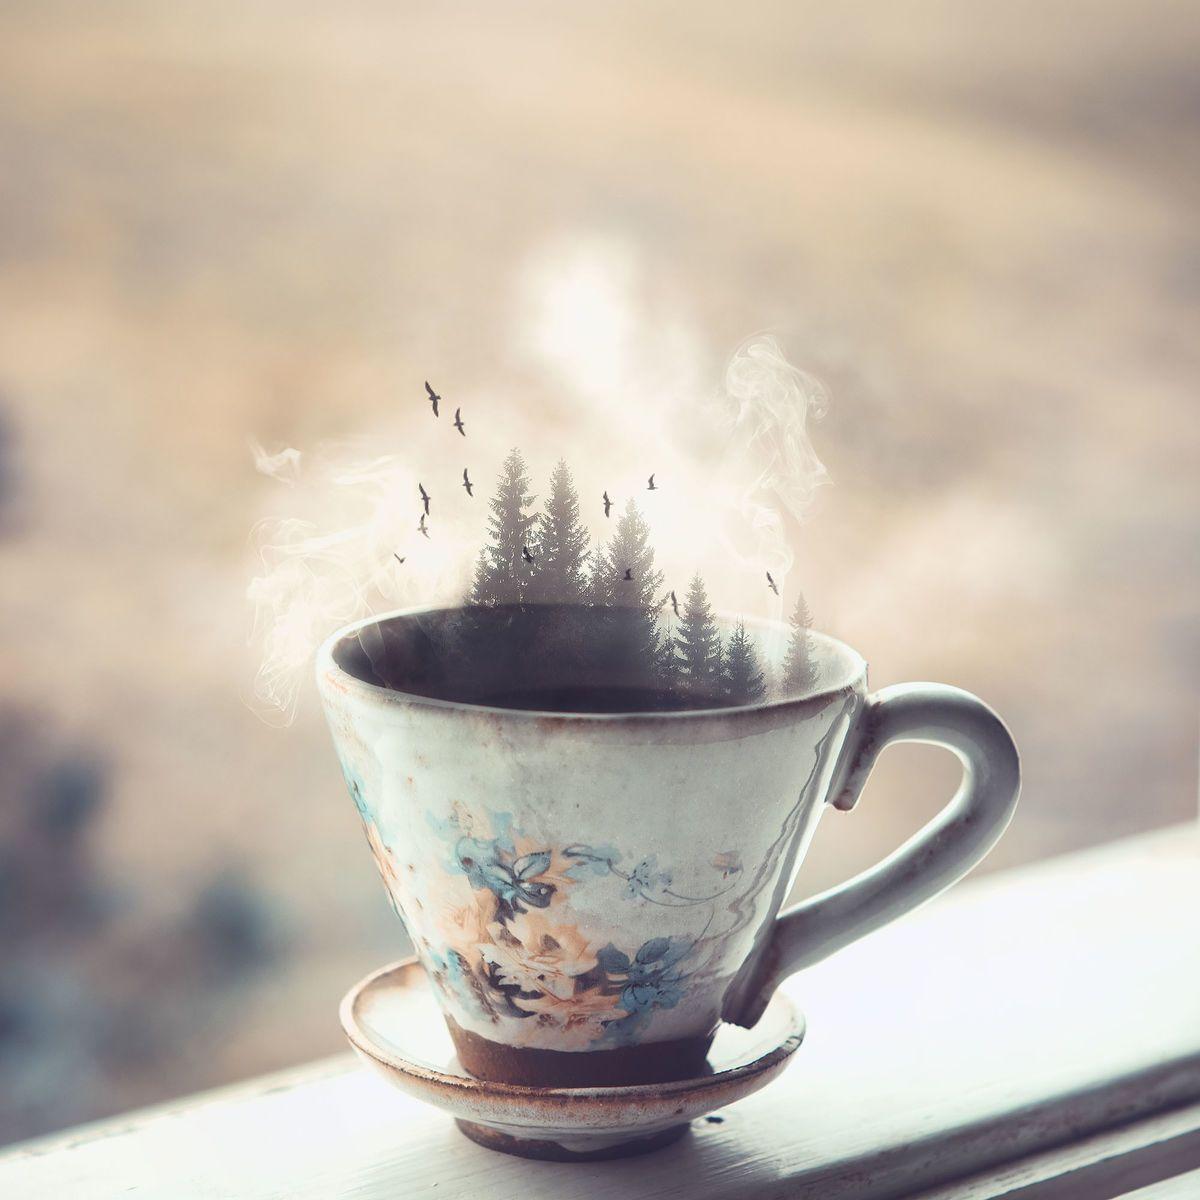 Kaffekoppen - product image | Photography Stuff | Pinterest | Hygge ...